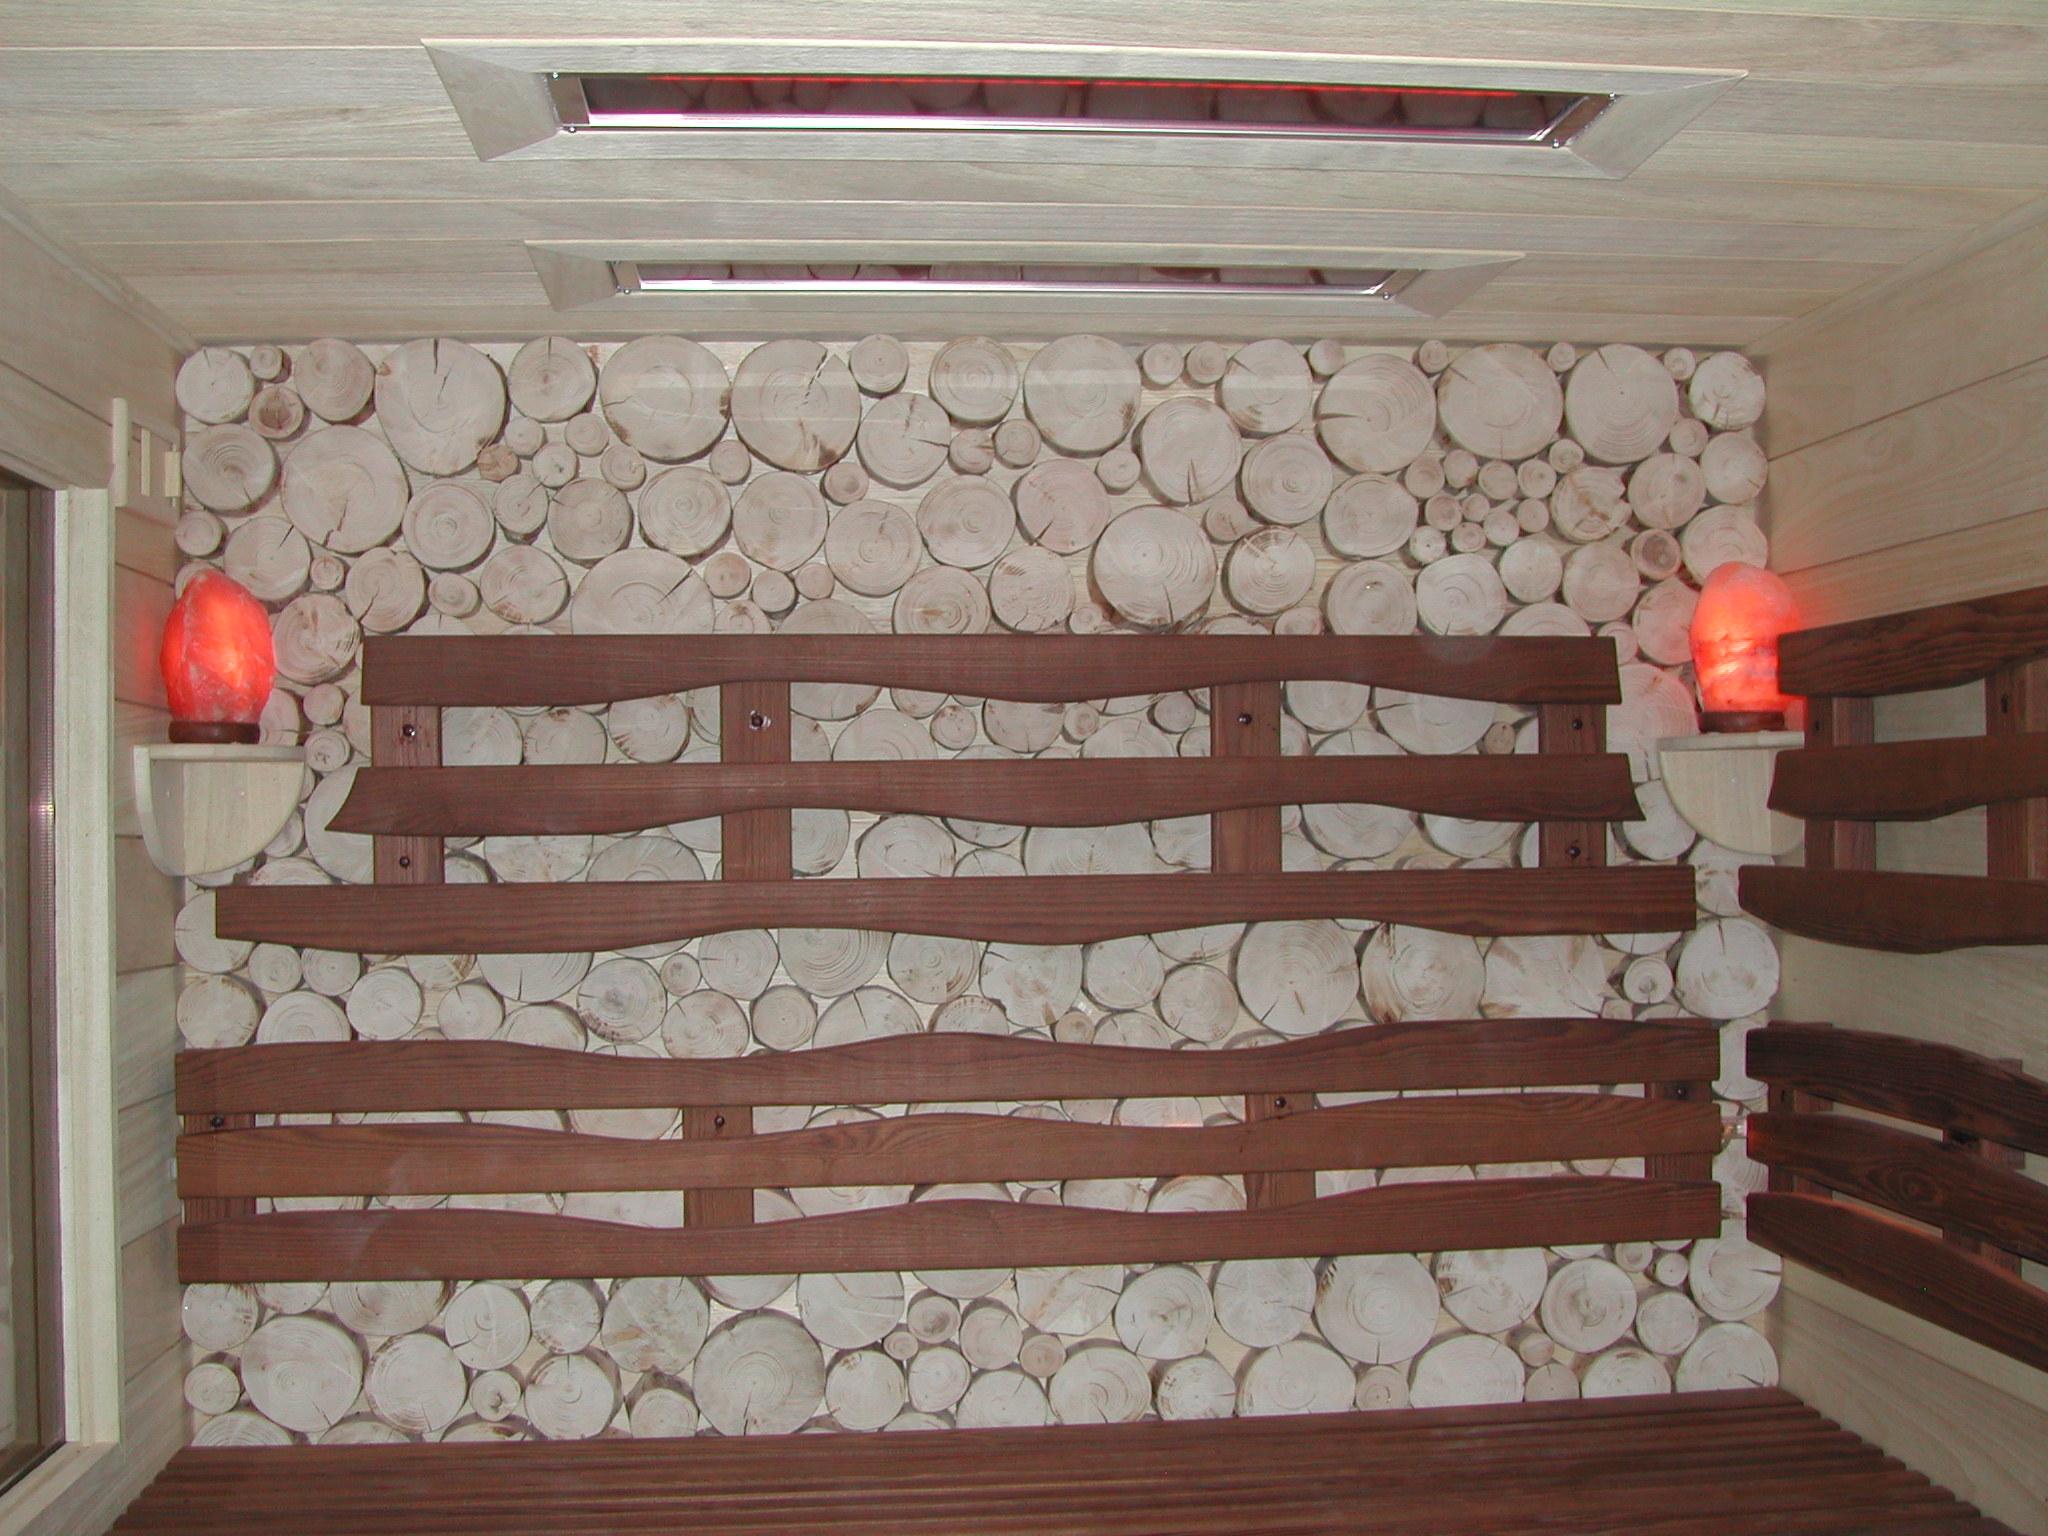 infra sveteľná 2 , infra sauny, typ sauny, výber sauny, predaj sáun, Fisa sauny, Saunabau, parná sauna, wellness, soľná infra sauna, infra panely, karbónové infražiariče, kremíkové infrapanely